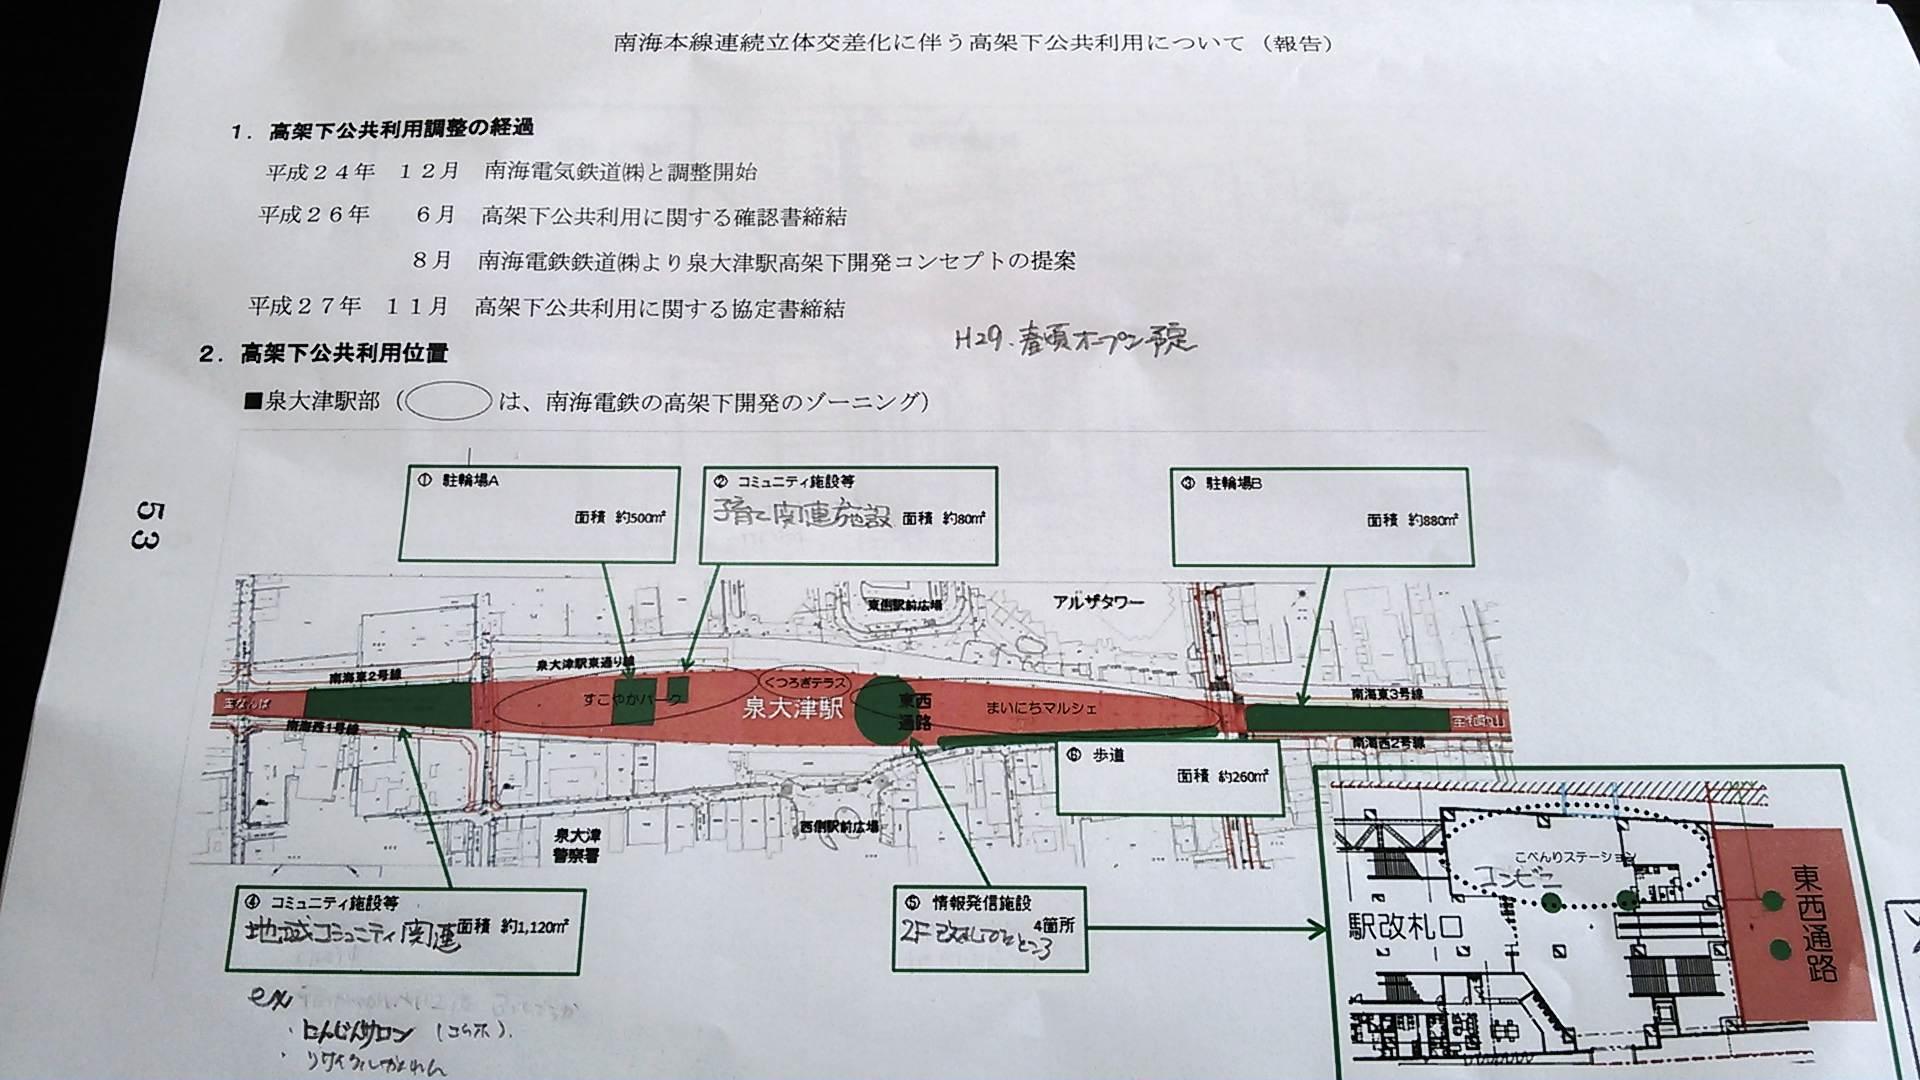 南海本線泉大津駅高架下の公共利用の報告がありました。